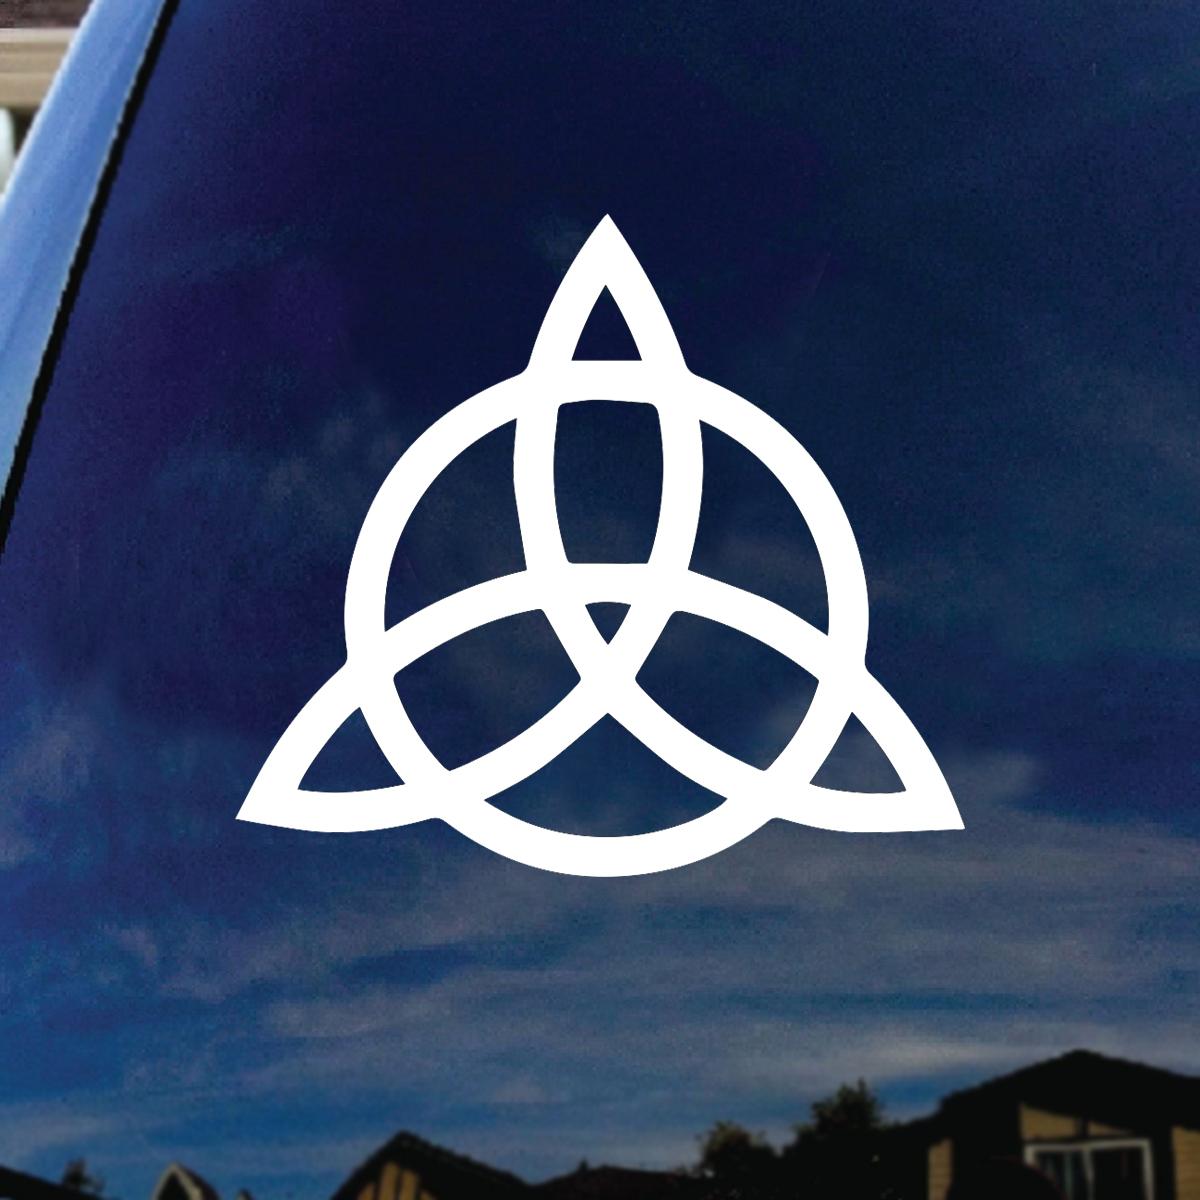 Triquetra Pagan Wiccan Car Truck Vinyl Decal 5 Diameter